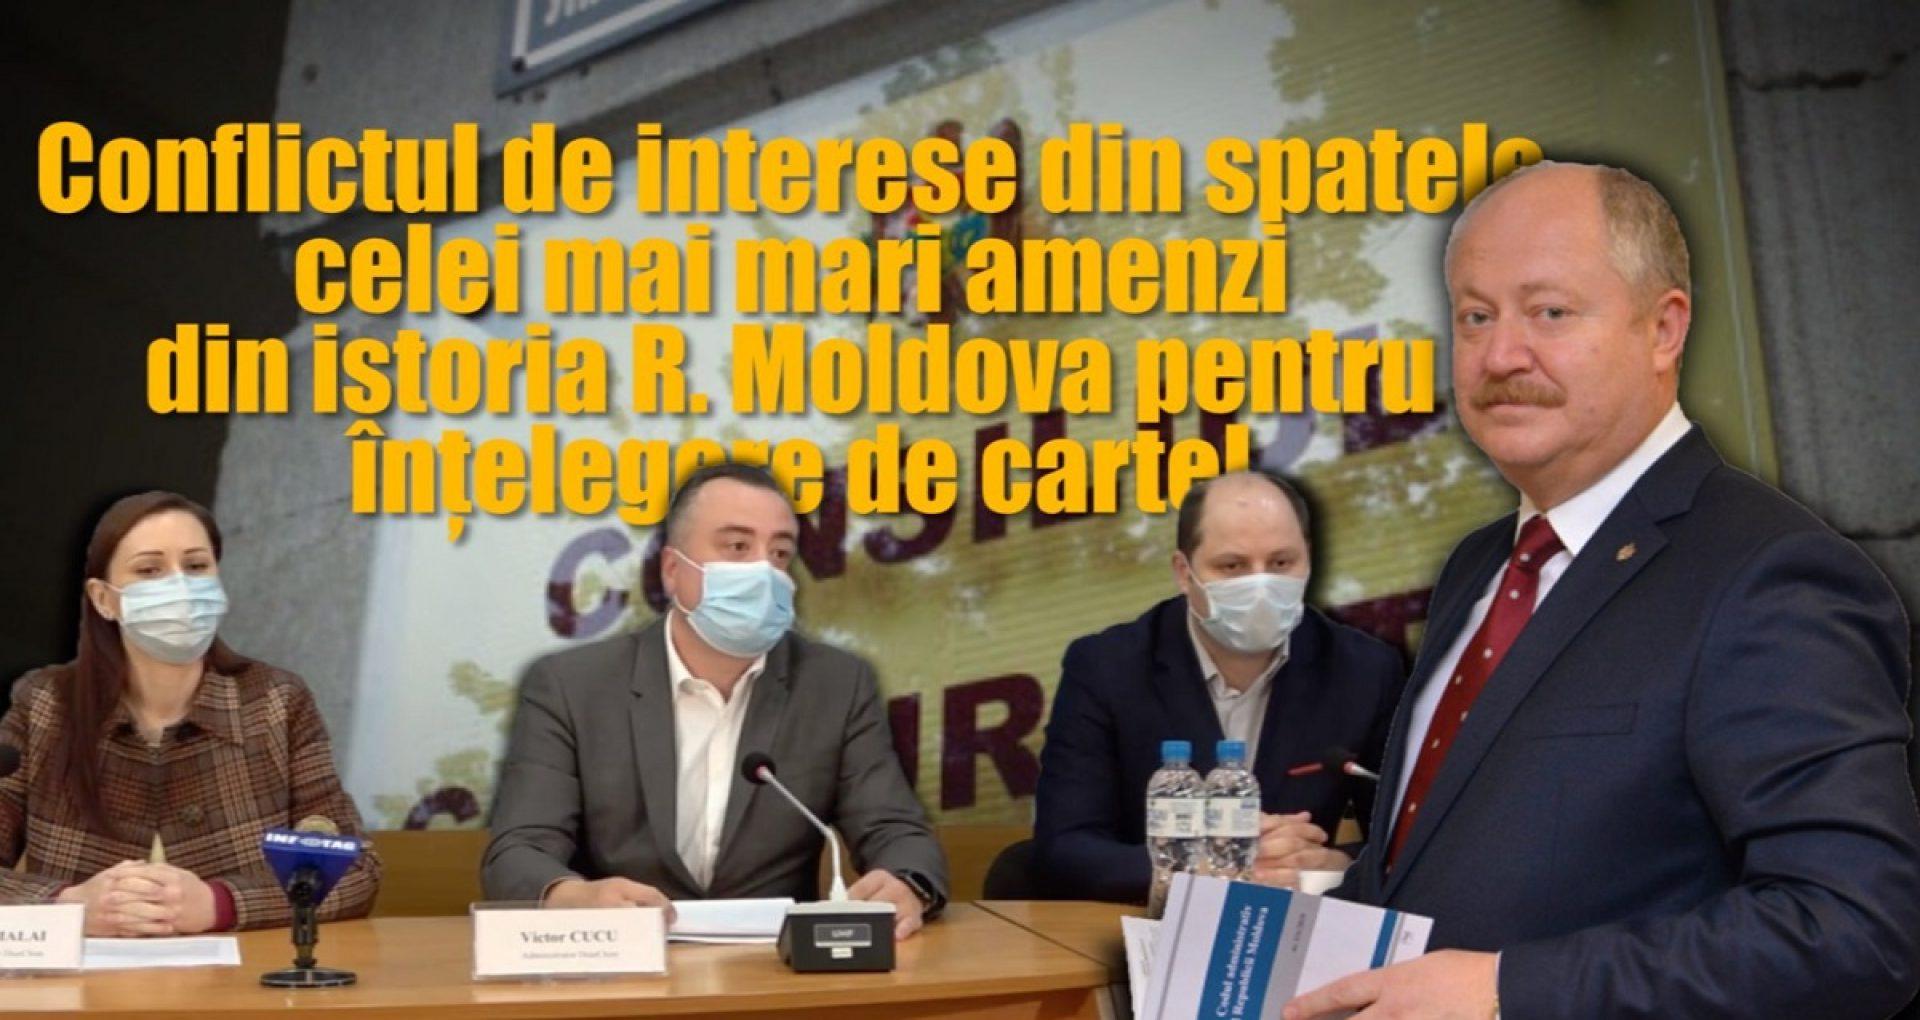 Conflictul de interese din spatele celei mai mari amenzi din istoria R. Moldova pentru înțelegere de cartel